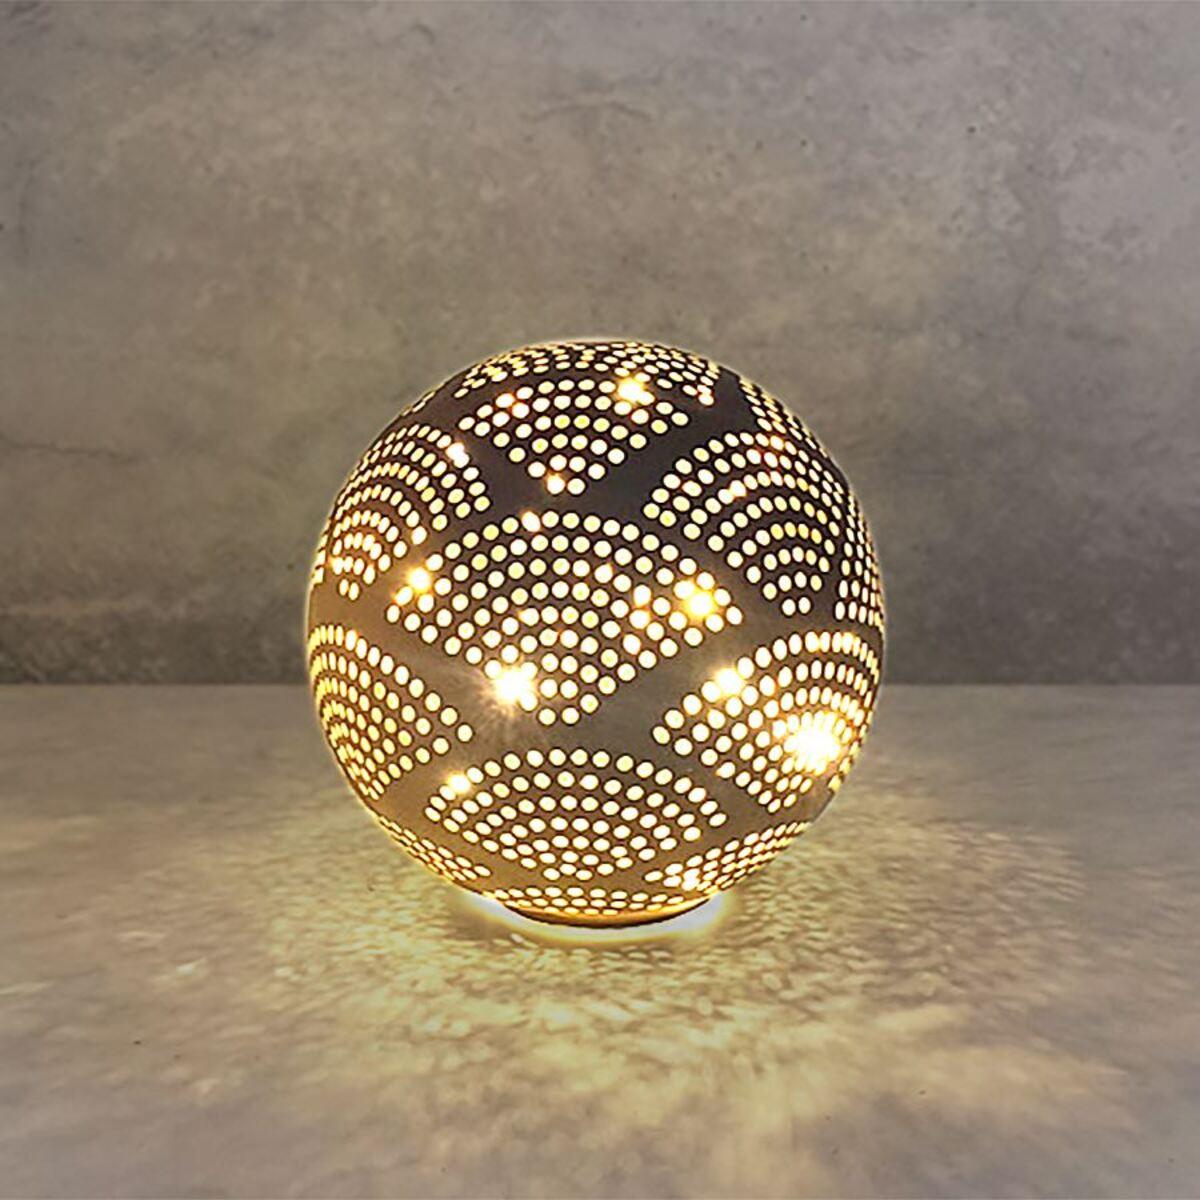 Bild 1 von Deko-Glaskugel mit 10 LEDs Warmweiß